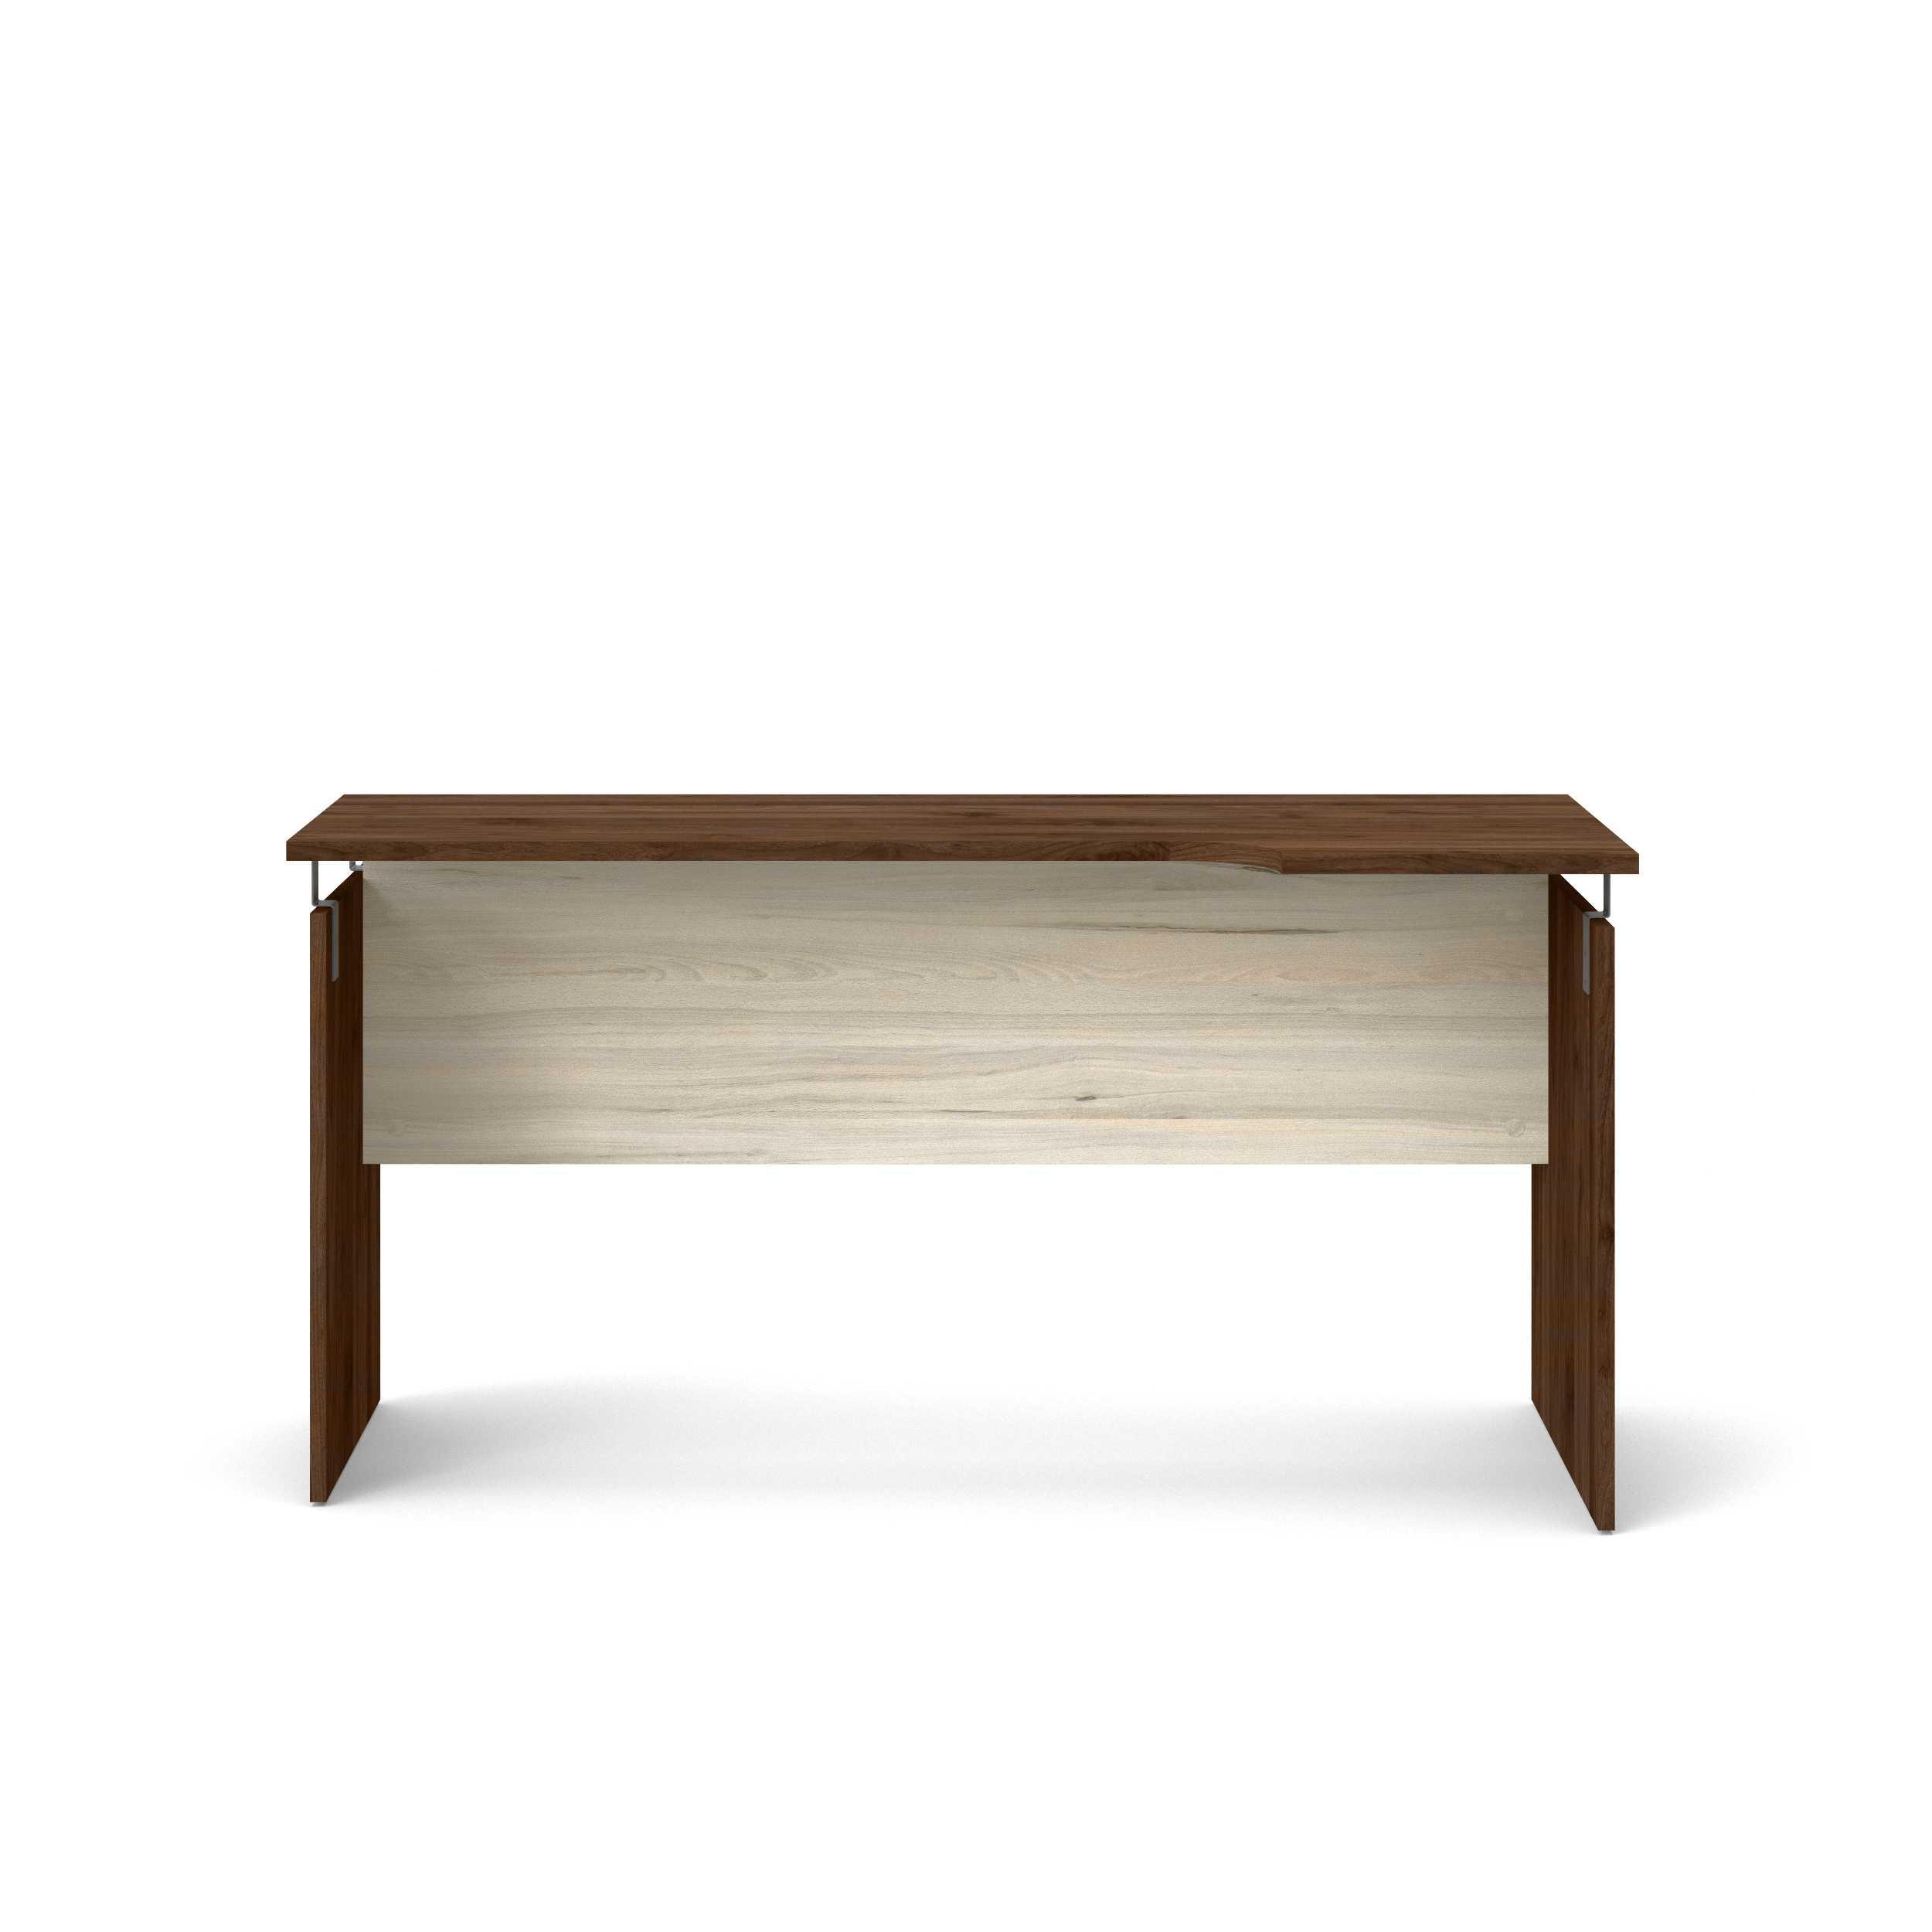 Santiago skrivebord - valnød brun og natur jasmund (150x60)